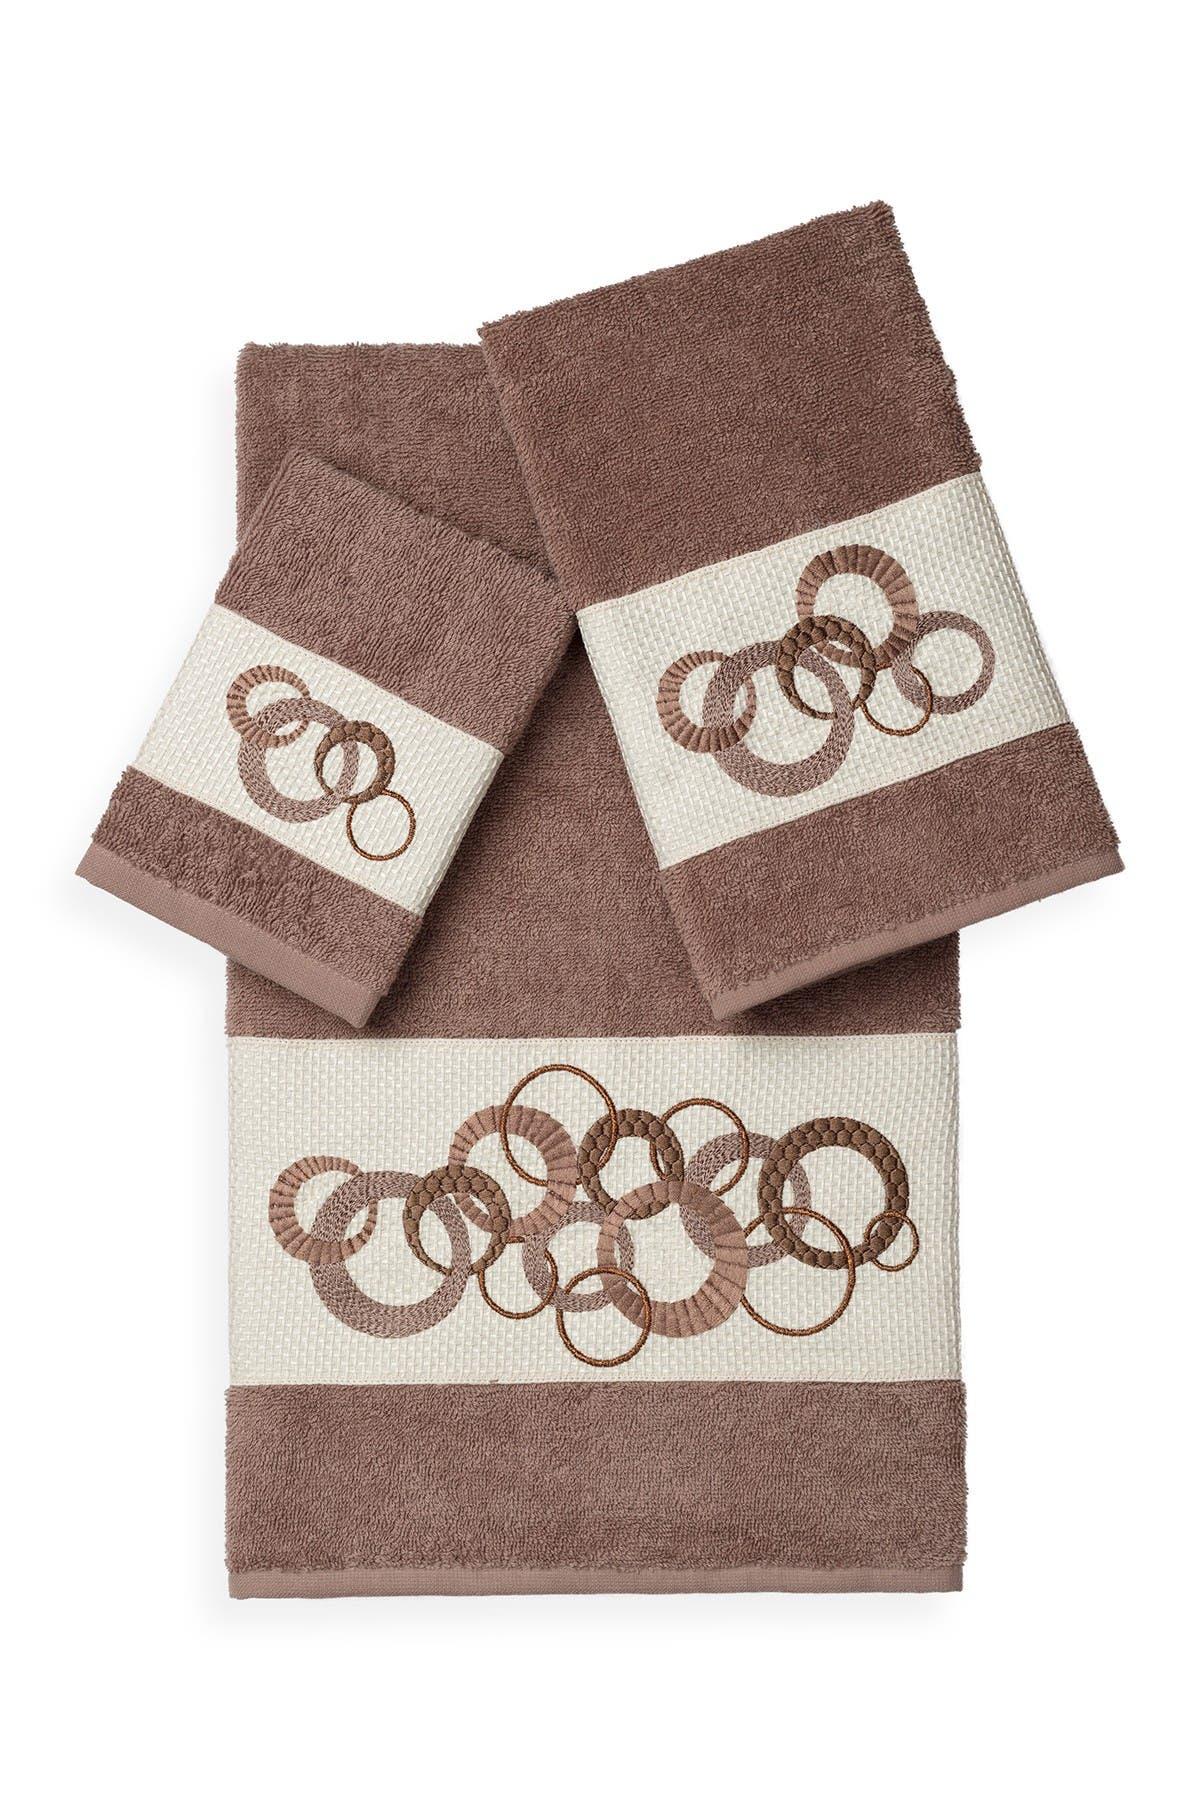 Image of LINUM TOWELS Annabelle 3-Piece Embellished Towel Set - Latte